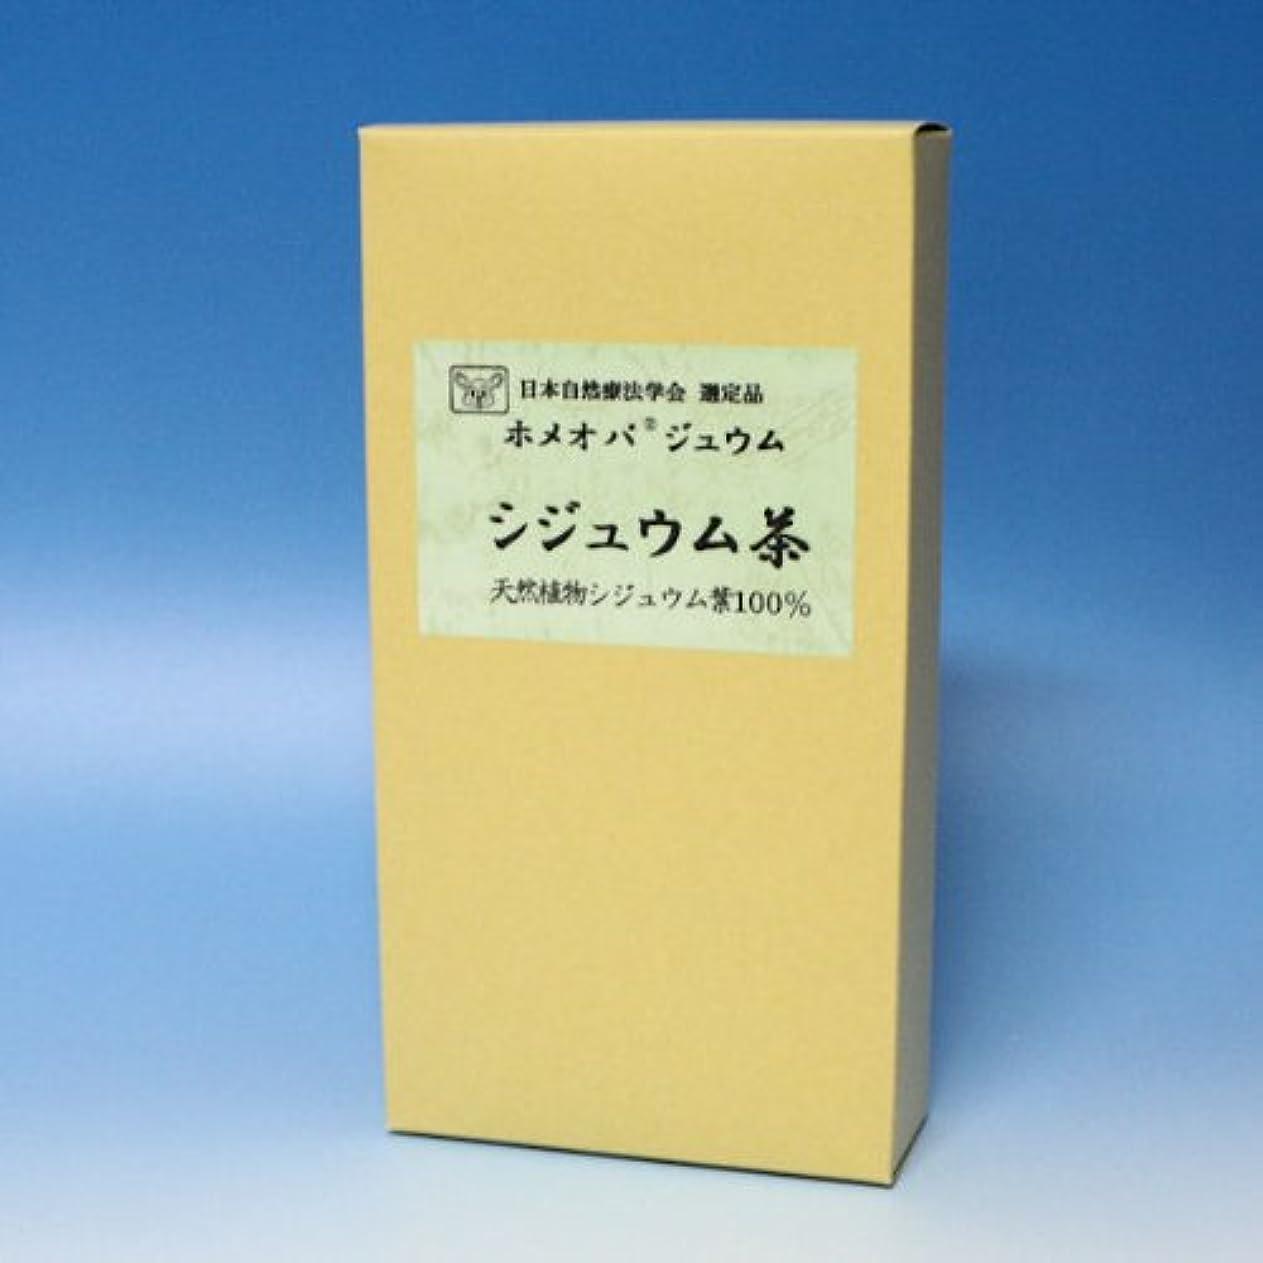 エリートウィザード従うシジュウム茶0.5g×90包